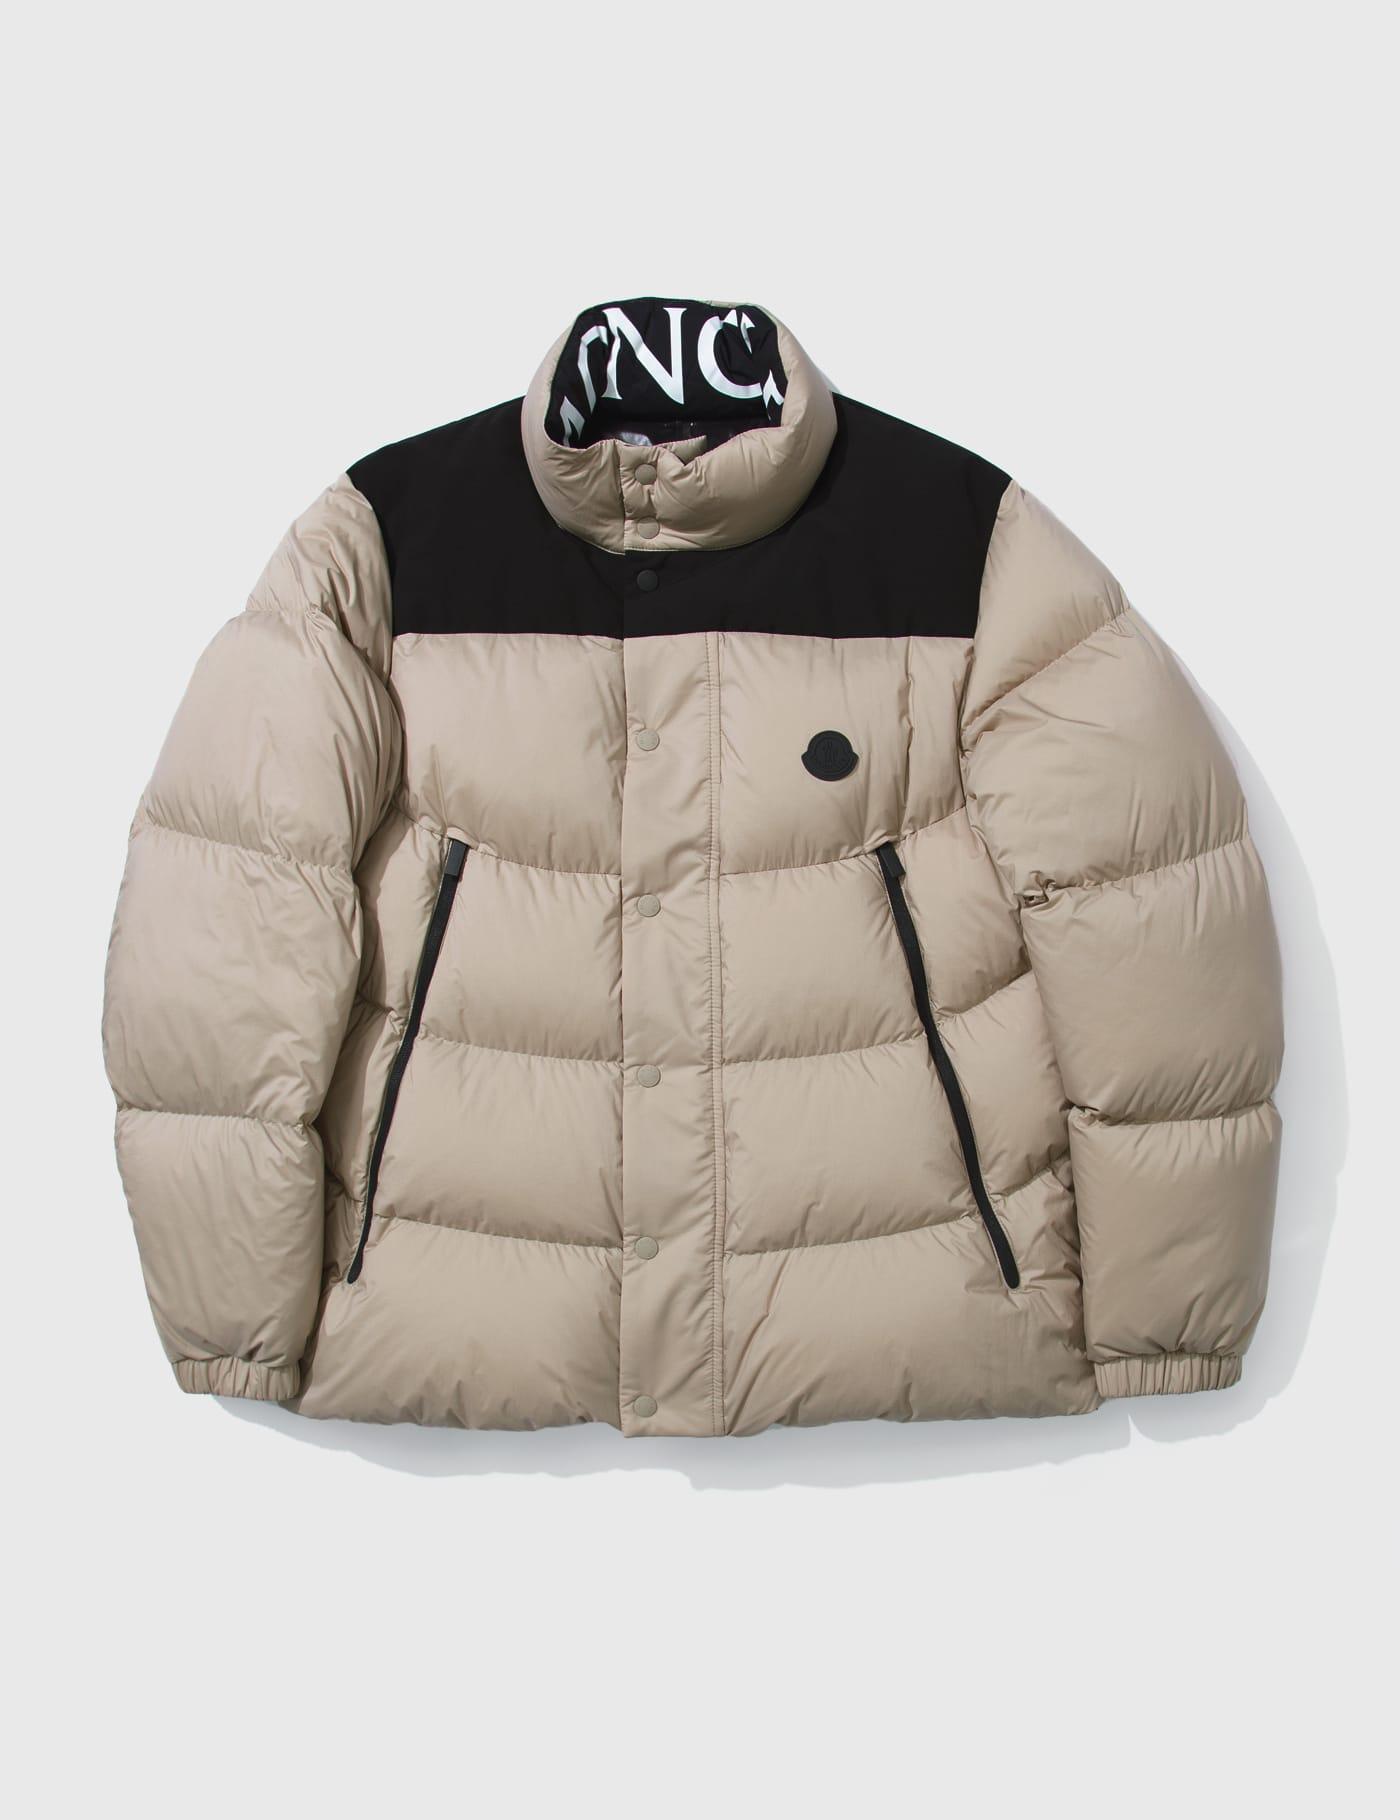 몽클레어 맨 숏패딩 Moncler Timsit Jacket